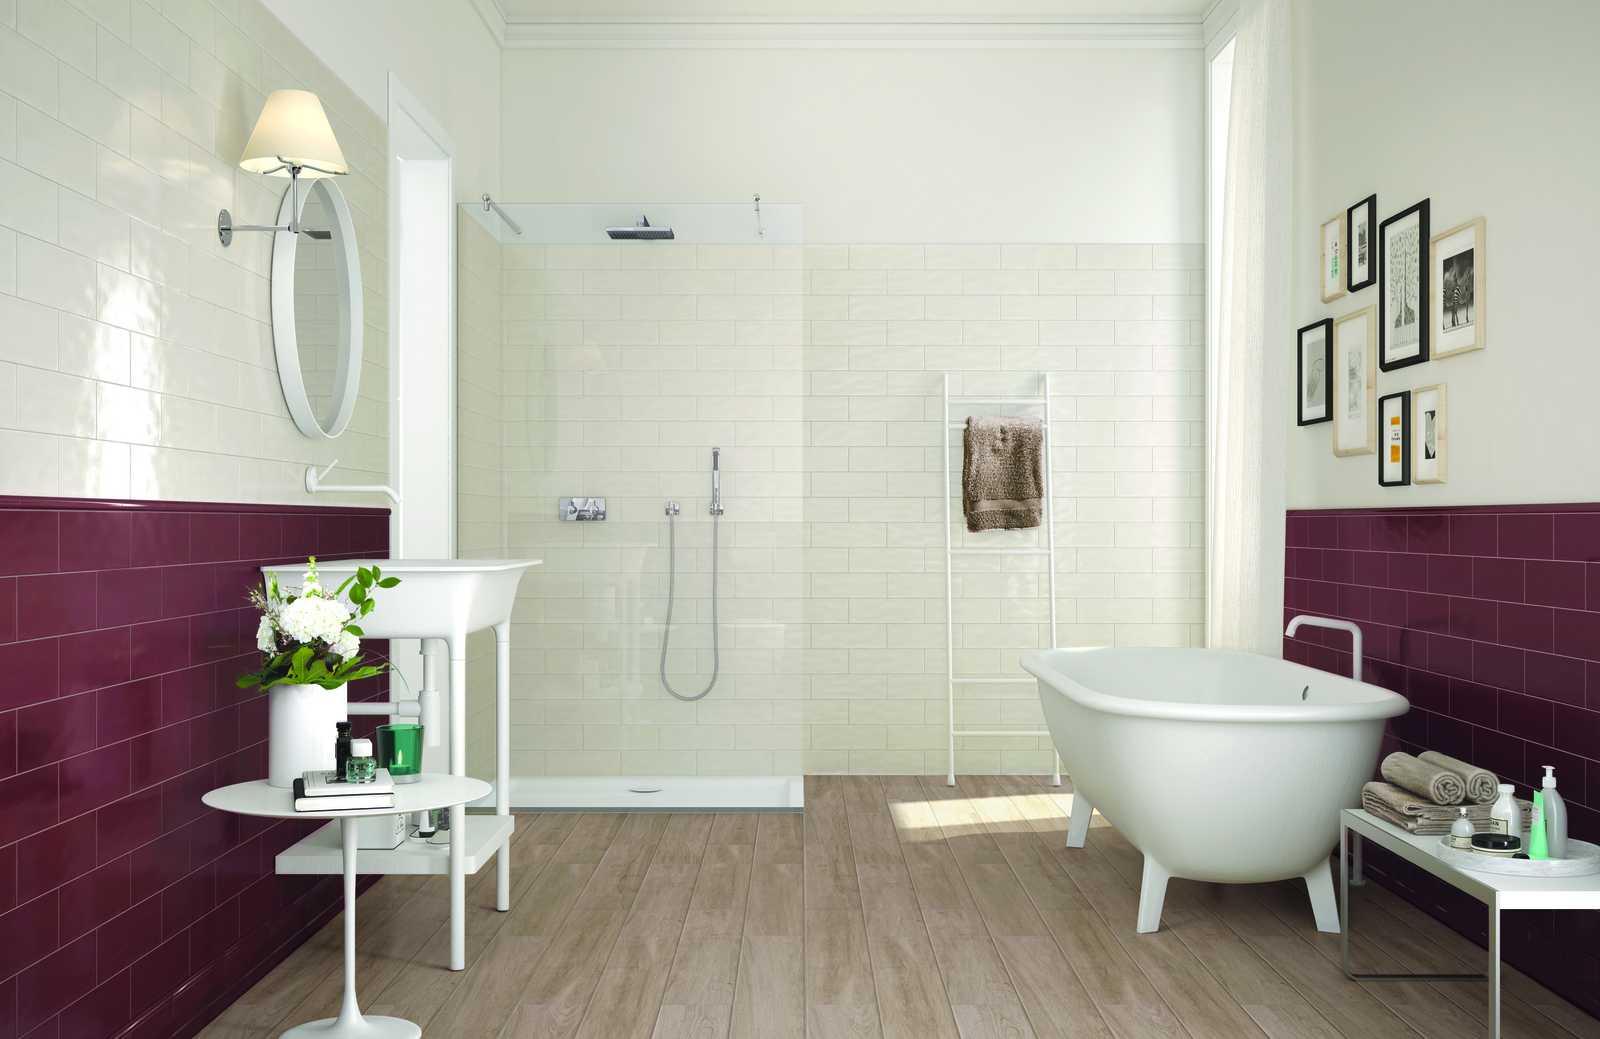 Collezione brick glossy rivestimenti per cucina e bagno ragno - Rivestimenti bagno ragno ...